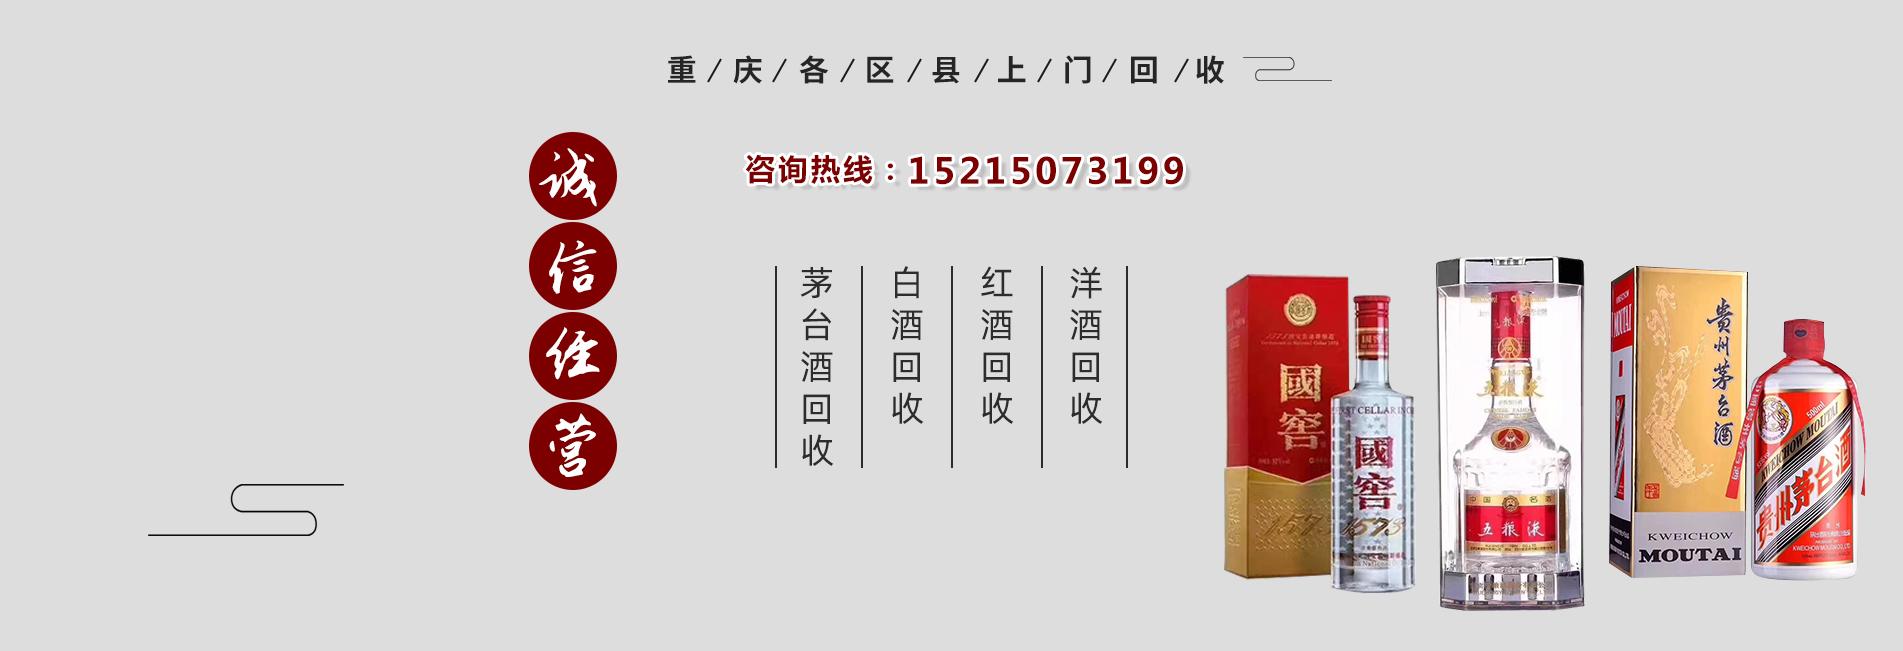 重庆烟酒回收